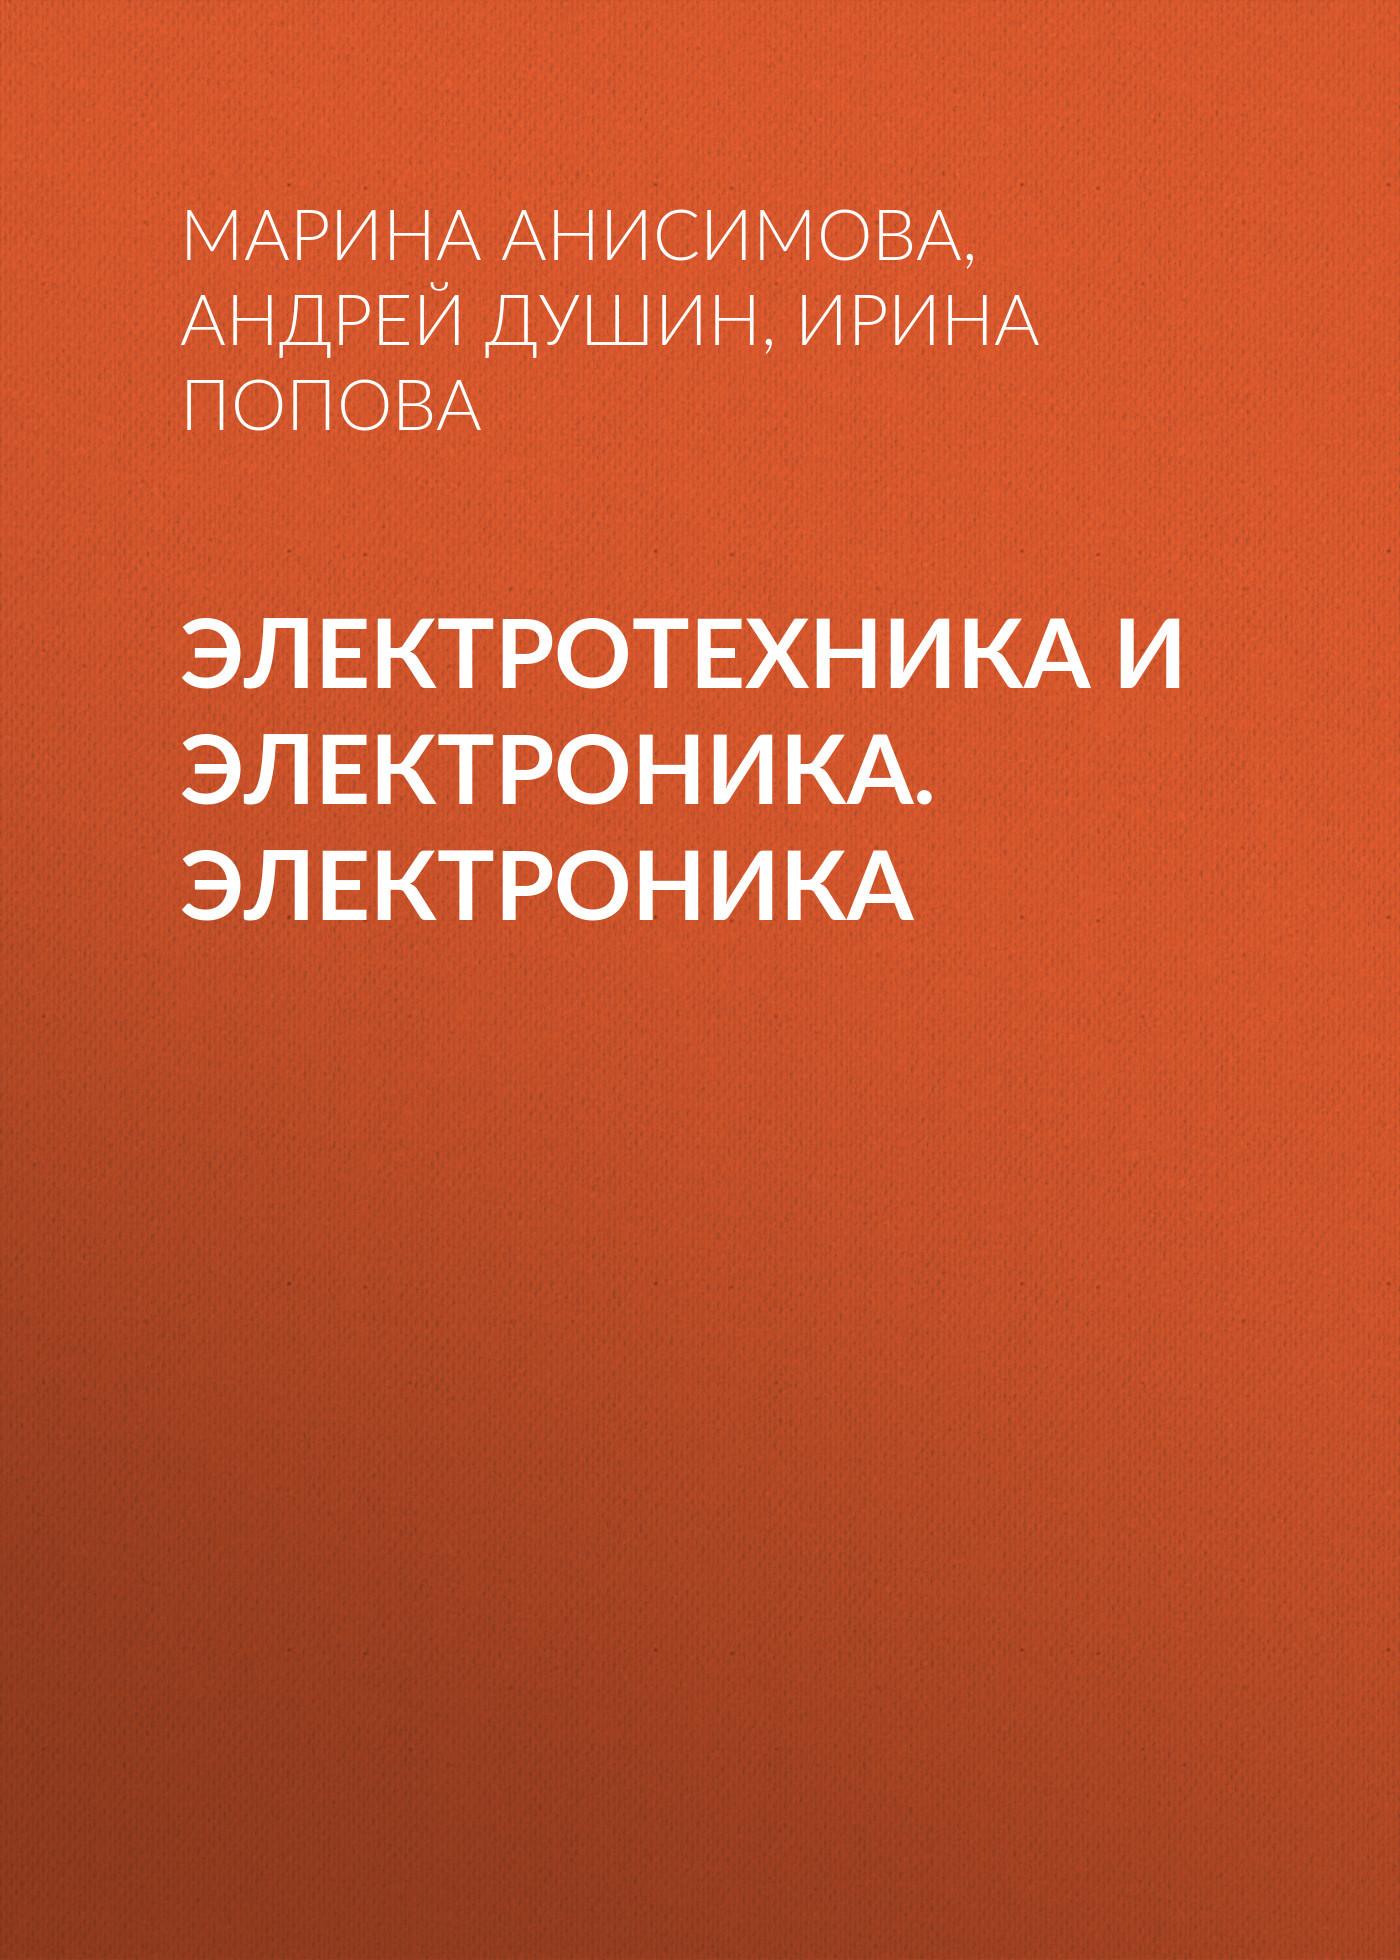 Андрей Душин. Электротехника и электроника. Электроника